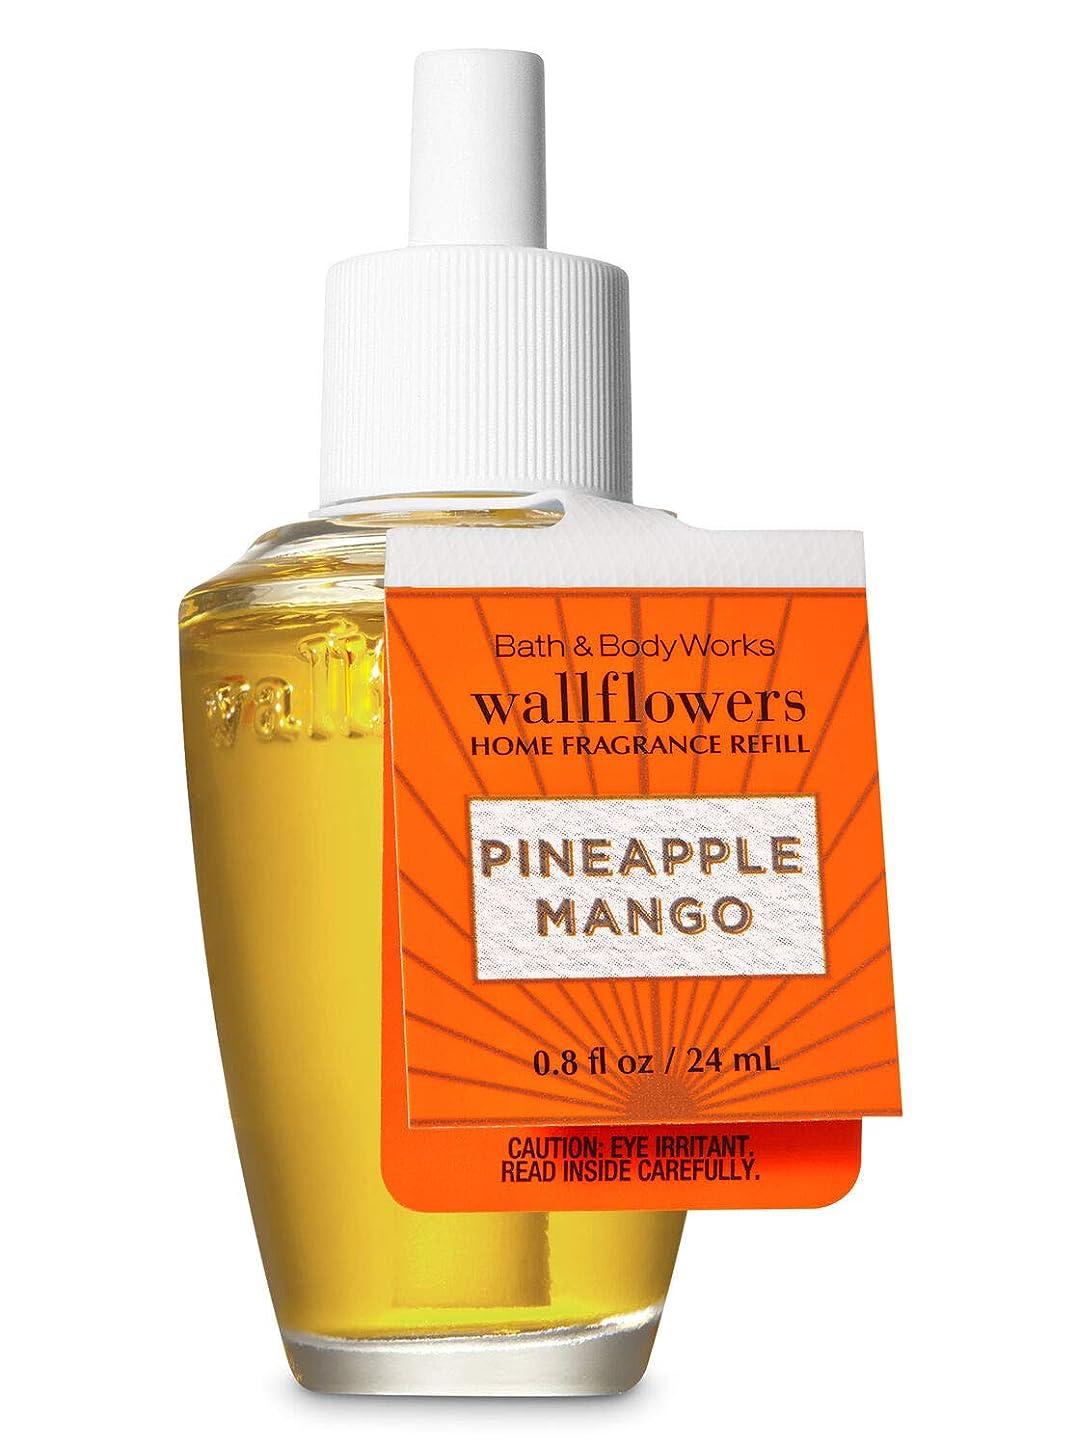 火曜日開始回る【Bath&Body Works/バス&ボディワークス】 ルームフレグランス 詰替えリフィル パイナップルマンゴー Wallflowers Home Fragrance Refill Pineapple Mango [並行輸入品]